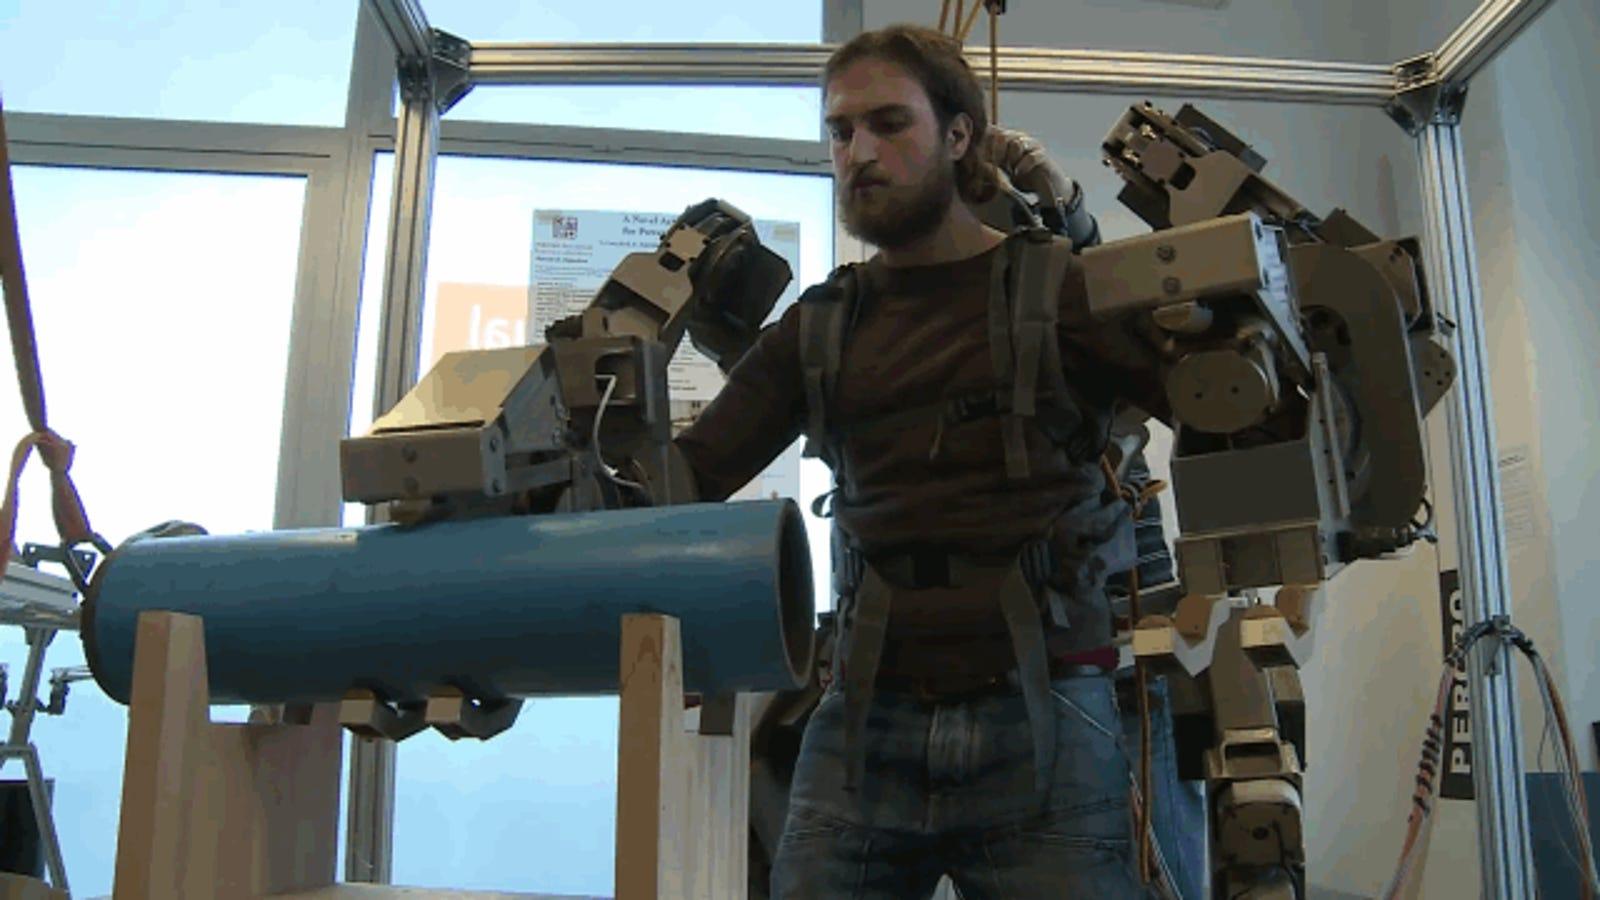 Crean un exoesqueleto capaz de levantar hasta 100 kilos